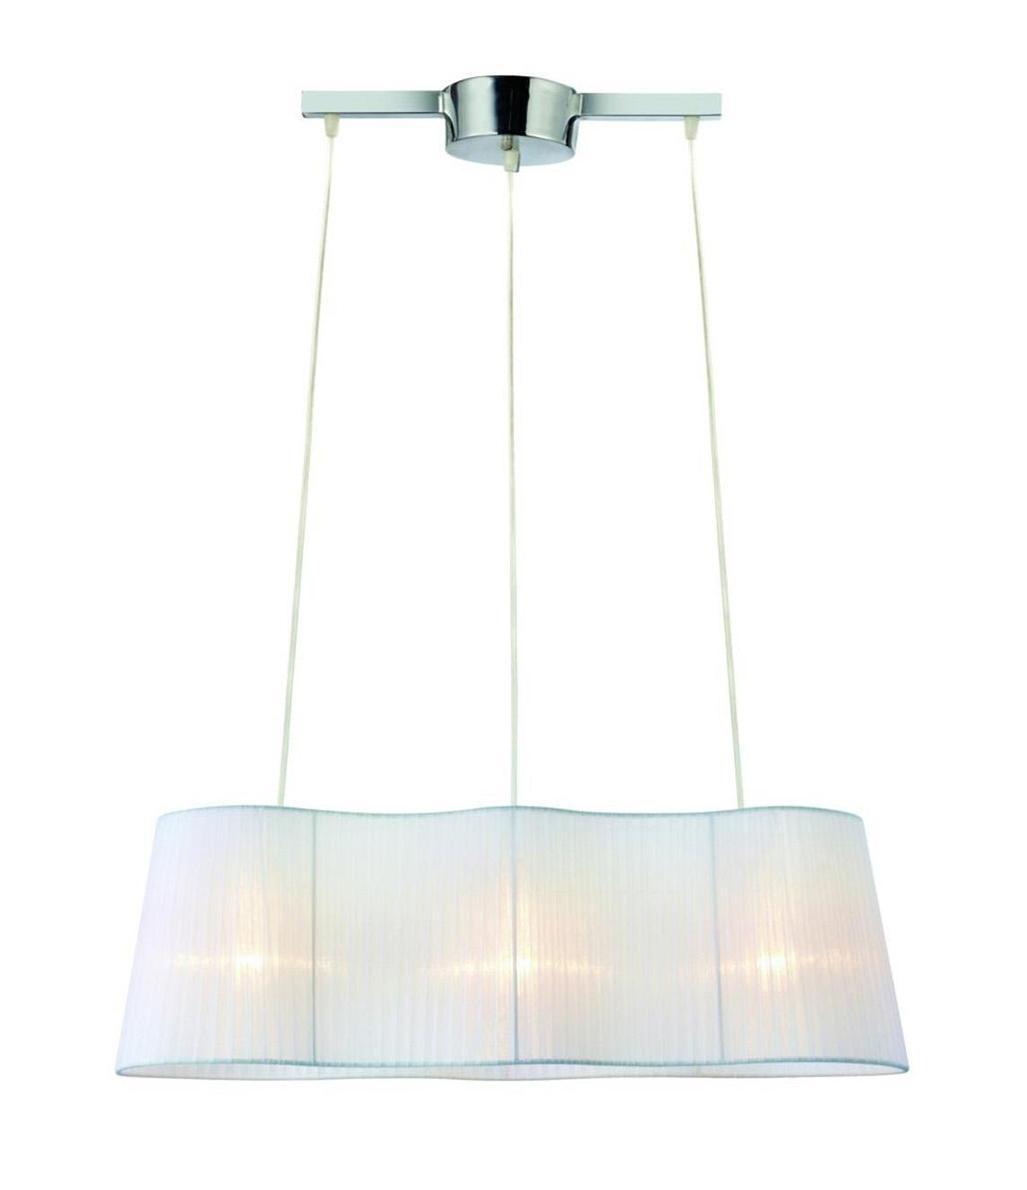 Подвесной светильник MarkSLojd Visingso 104330104330